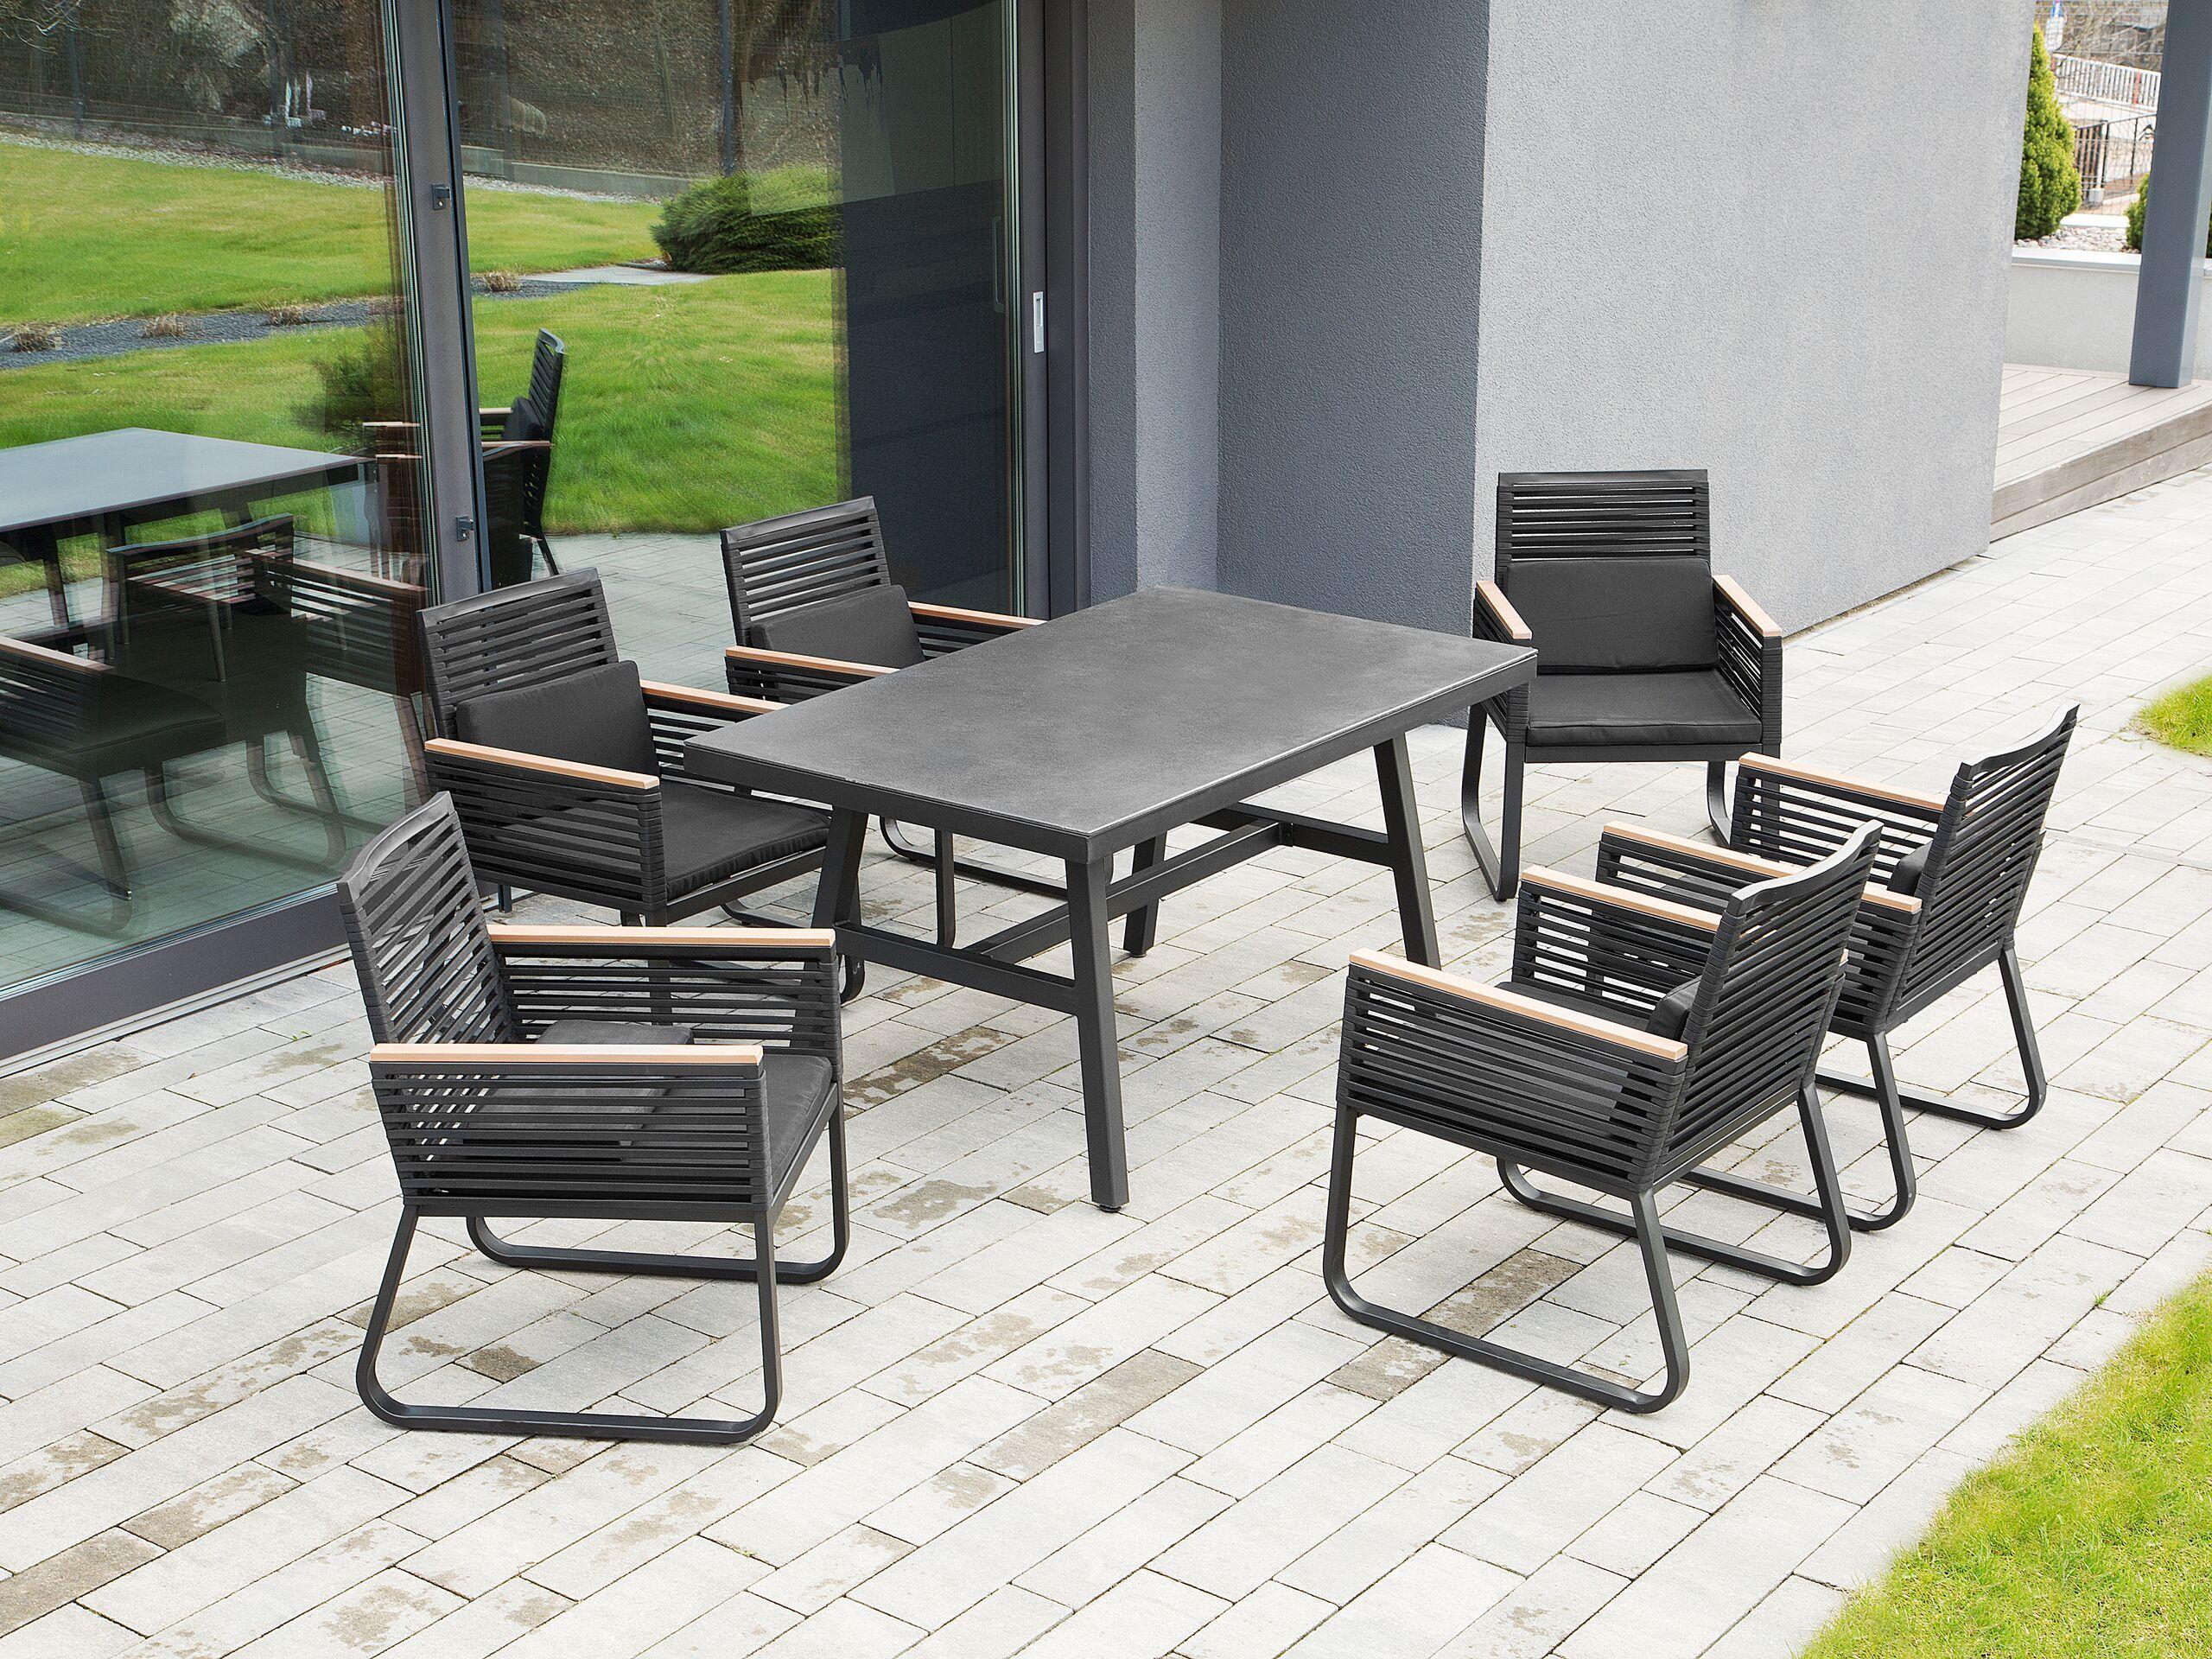 beliani tavolo da giardino piano in vetro nero struttura in metallo 150 x 90 cm